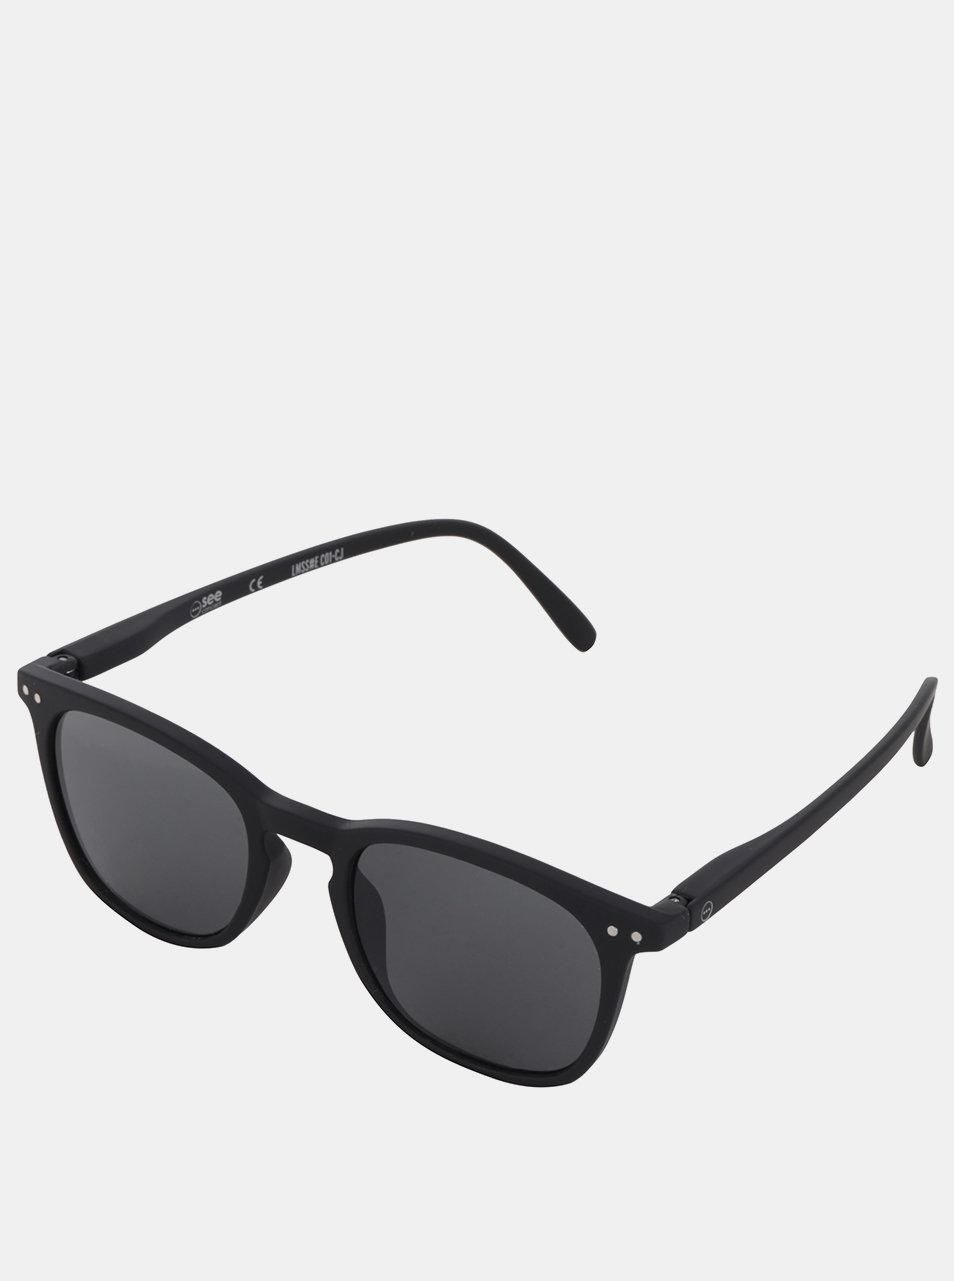 Černé sluneční brýle s černými skly IZIPIZI #E